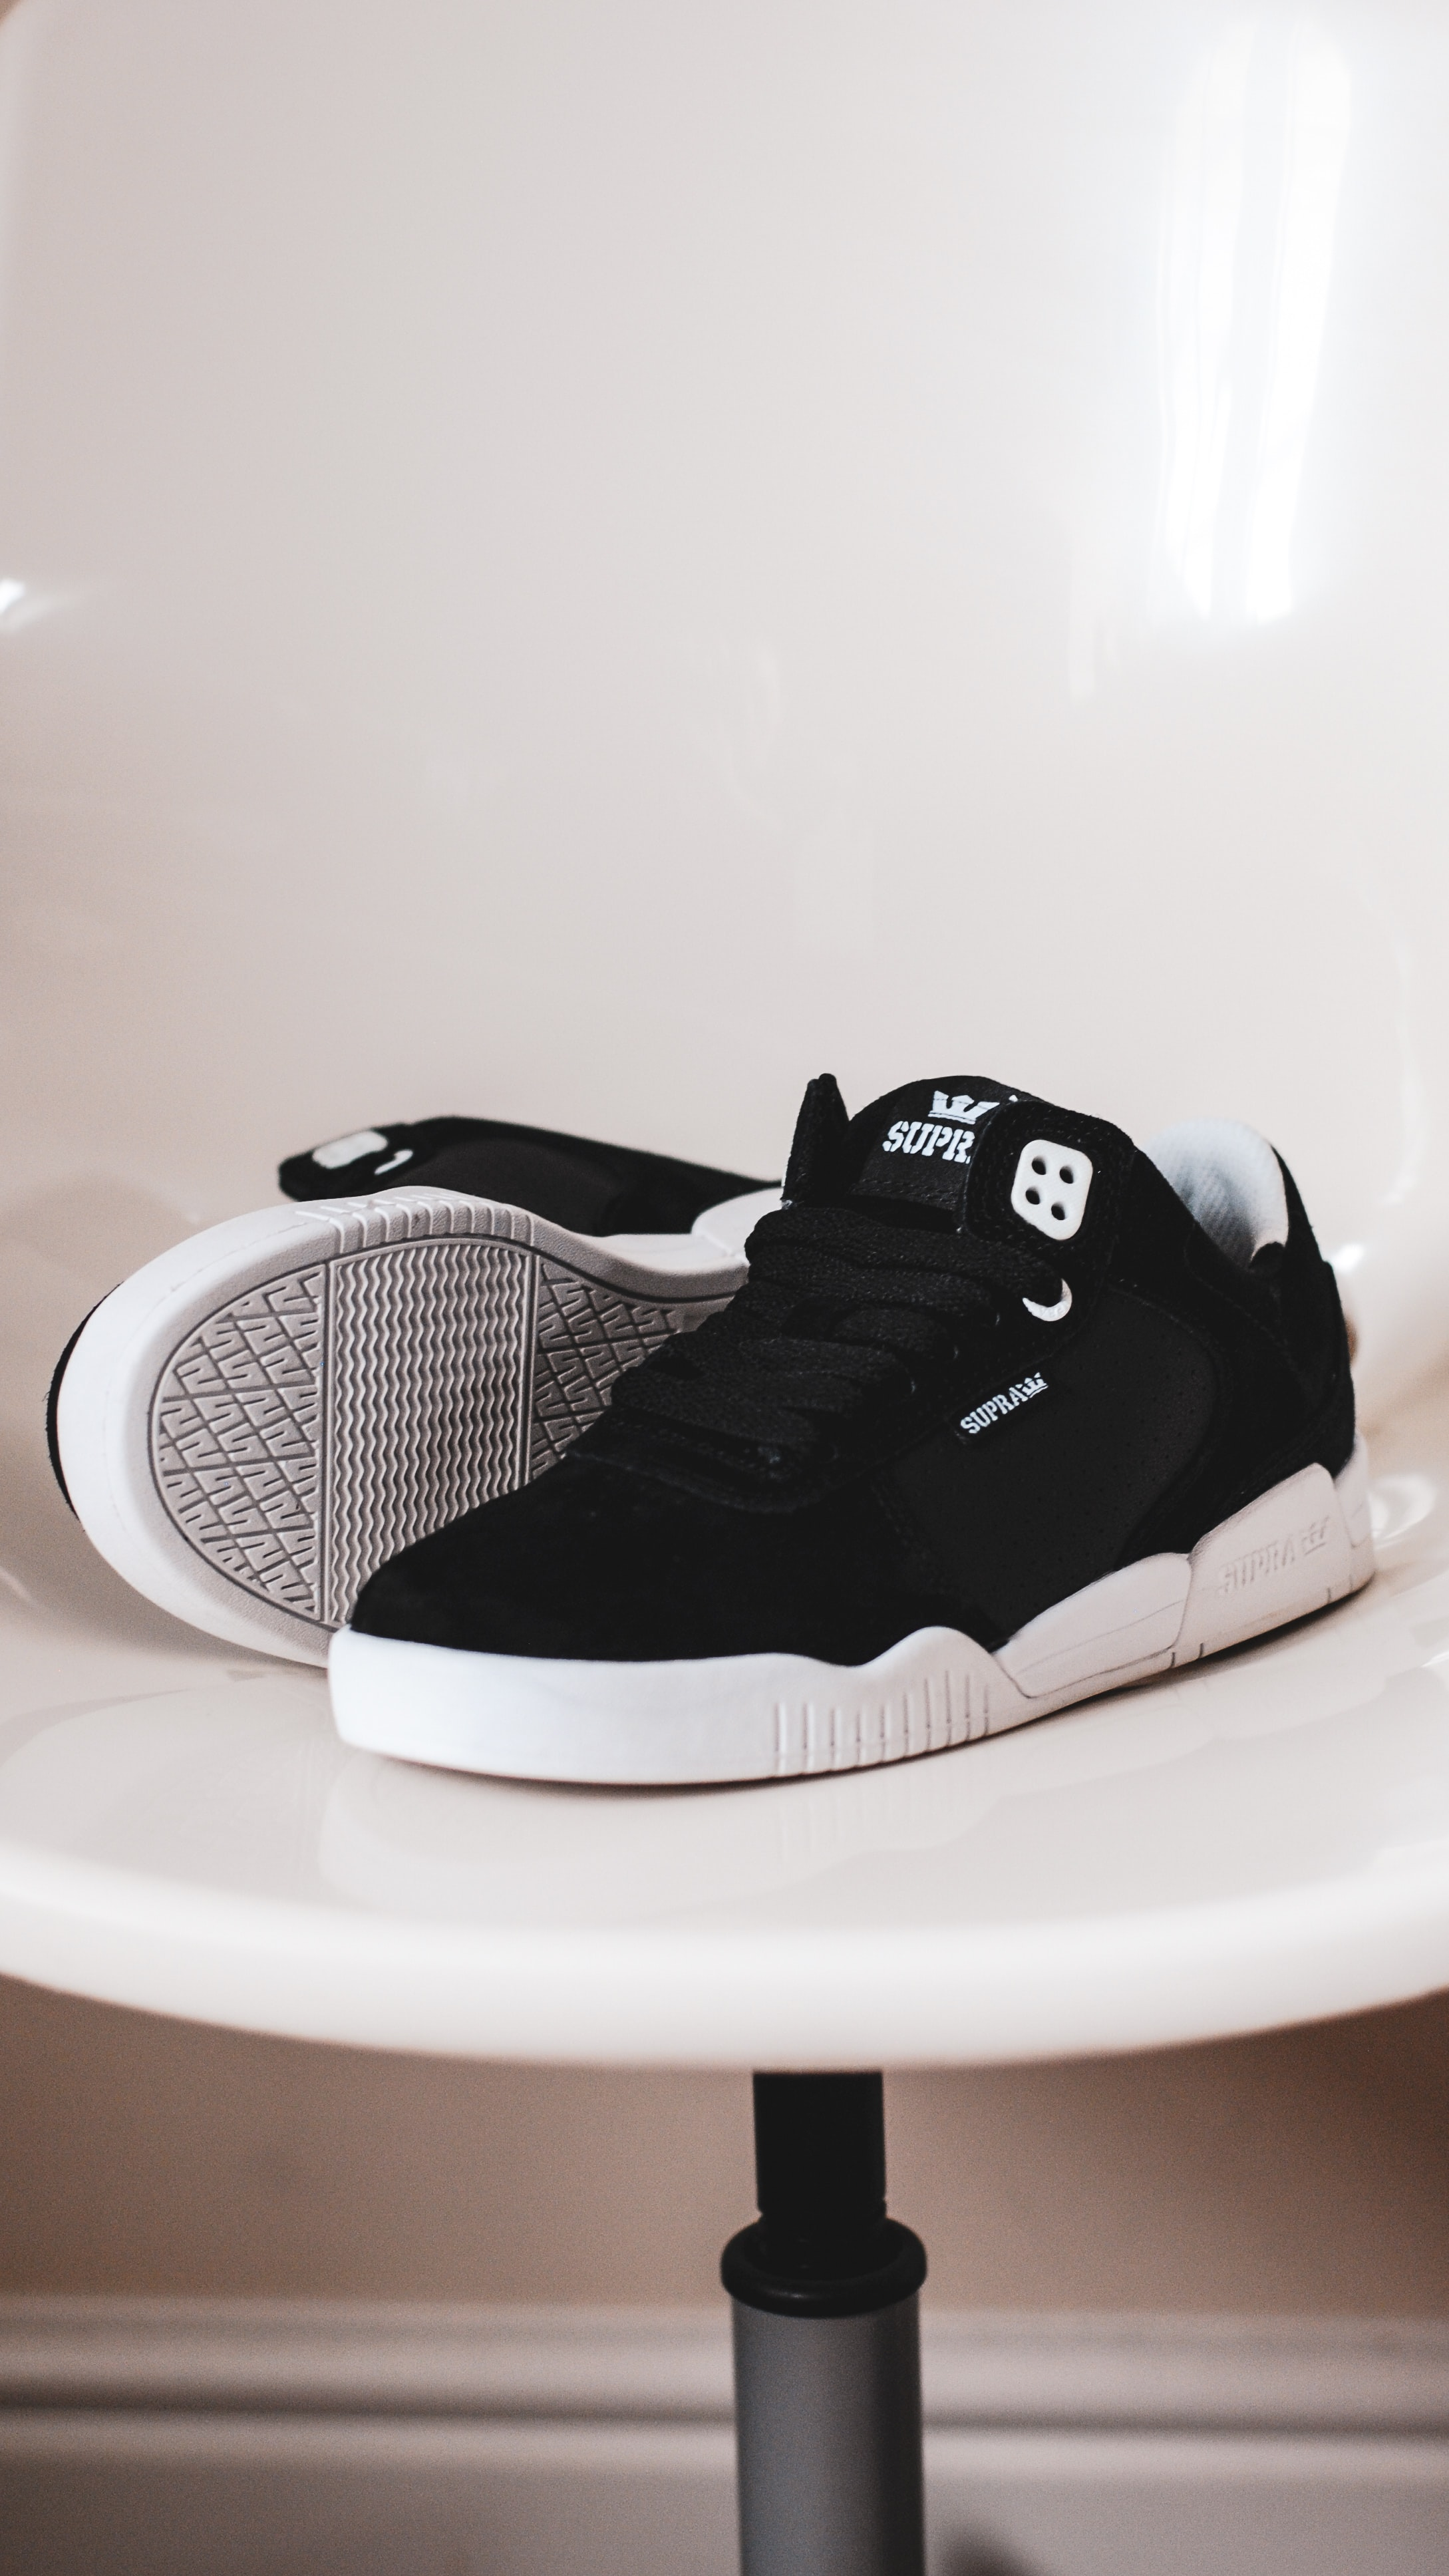 pair of black